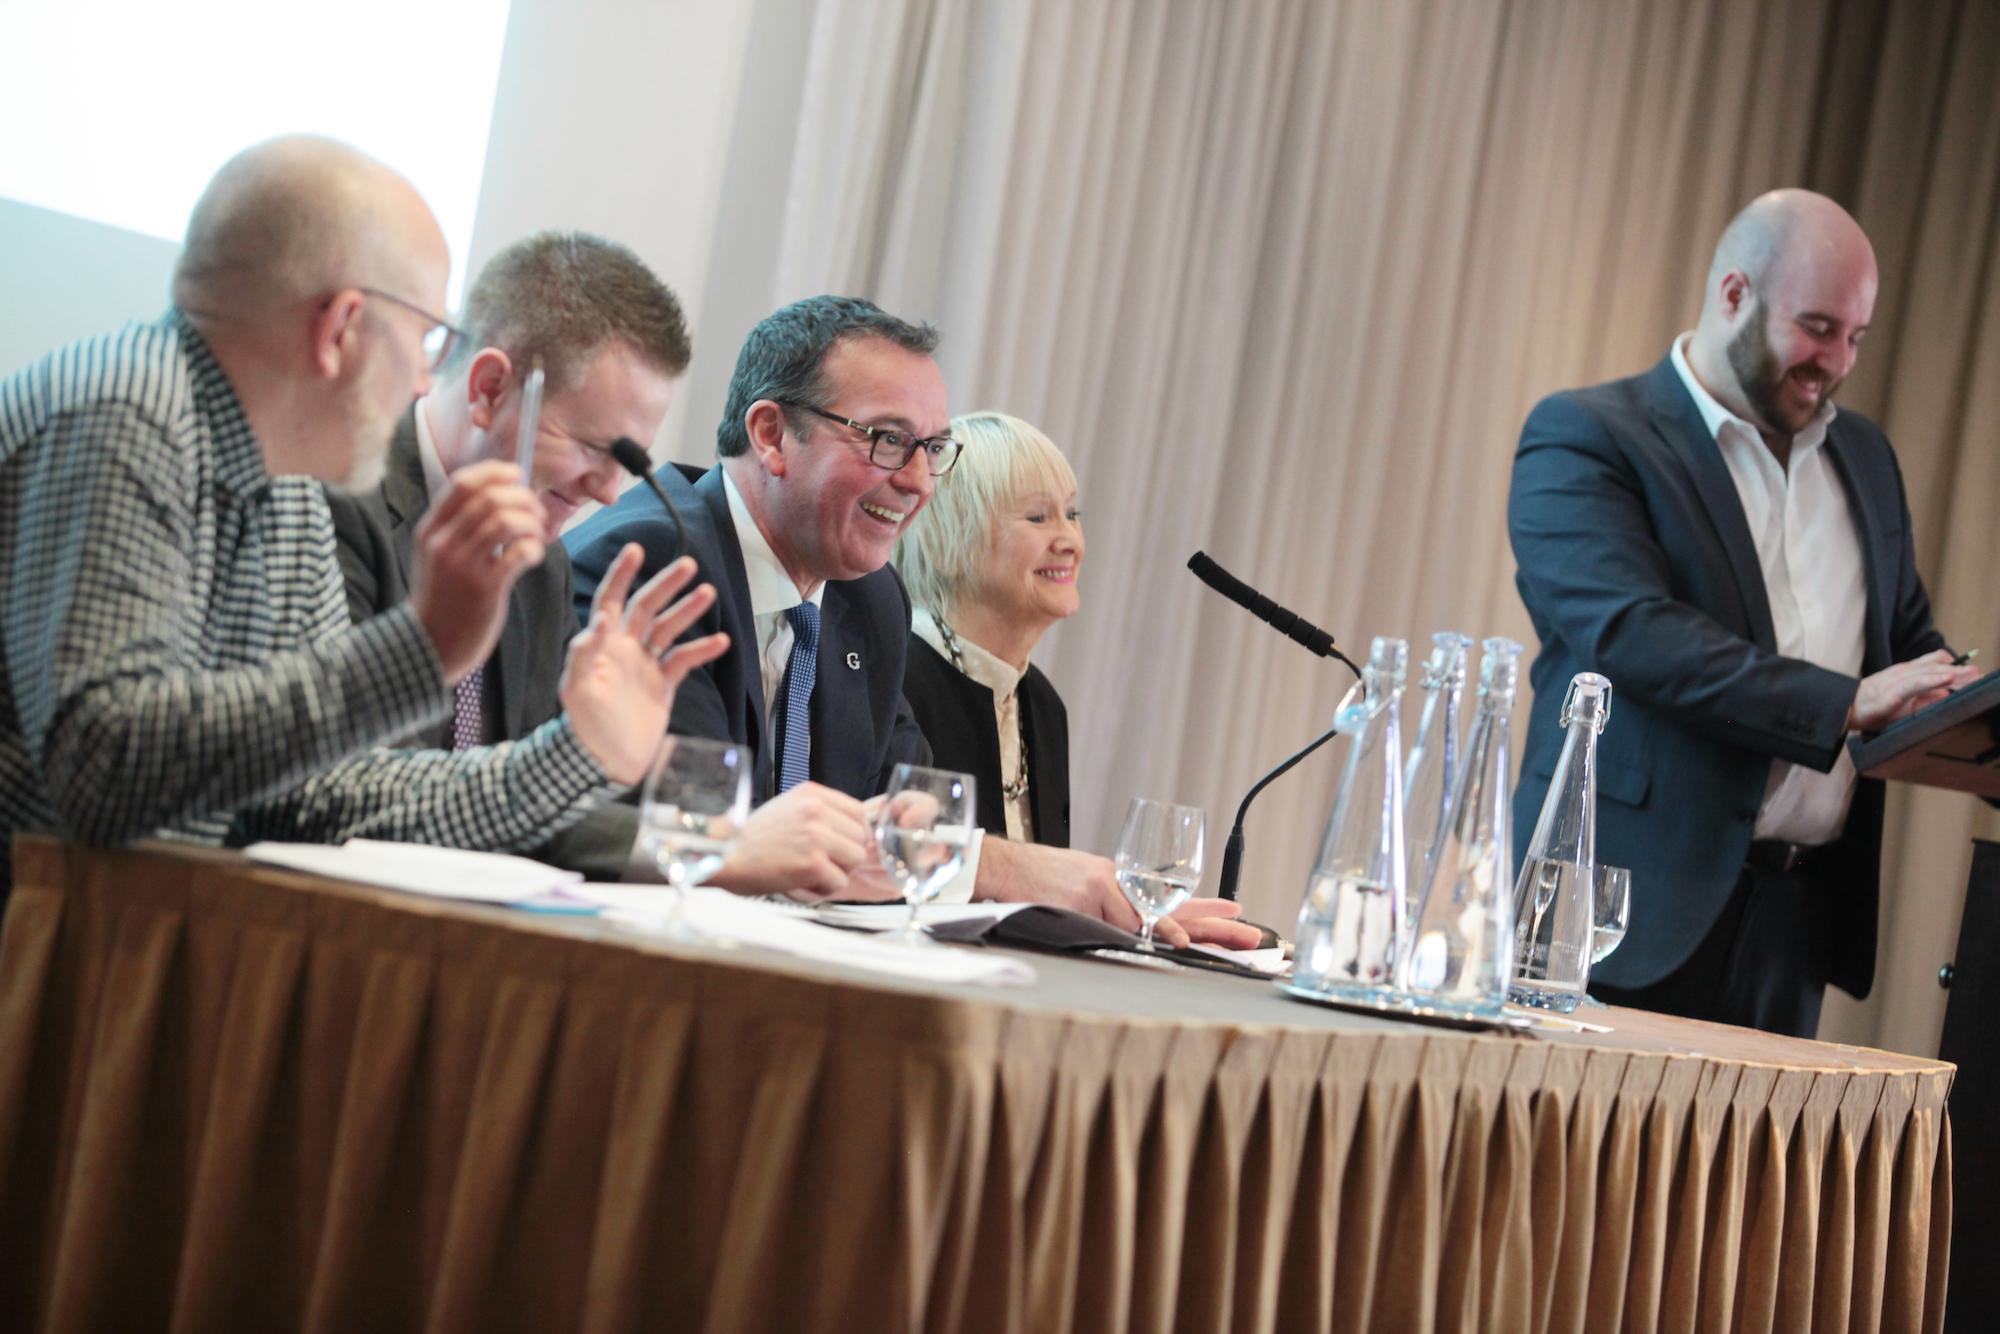 Chester Grosvenor hosts live debate on modern restaurant etiquette